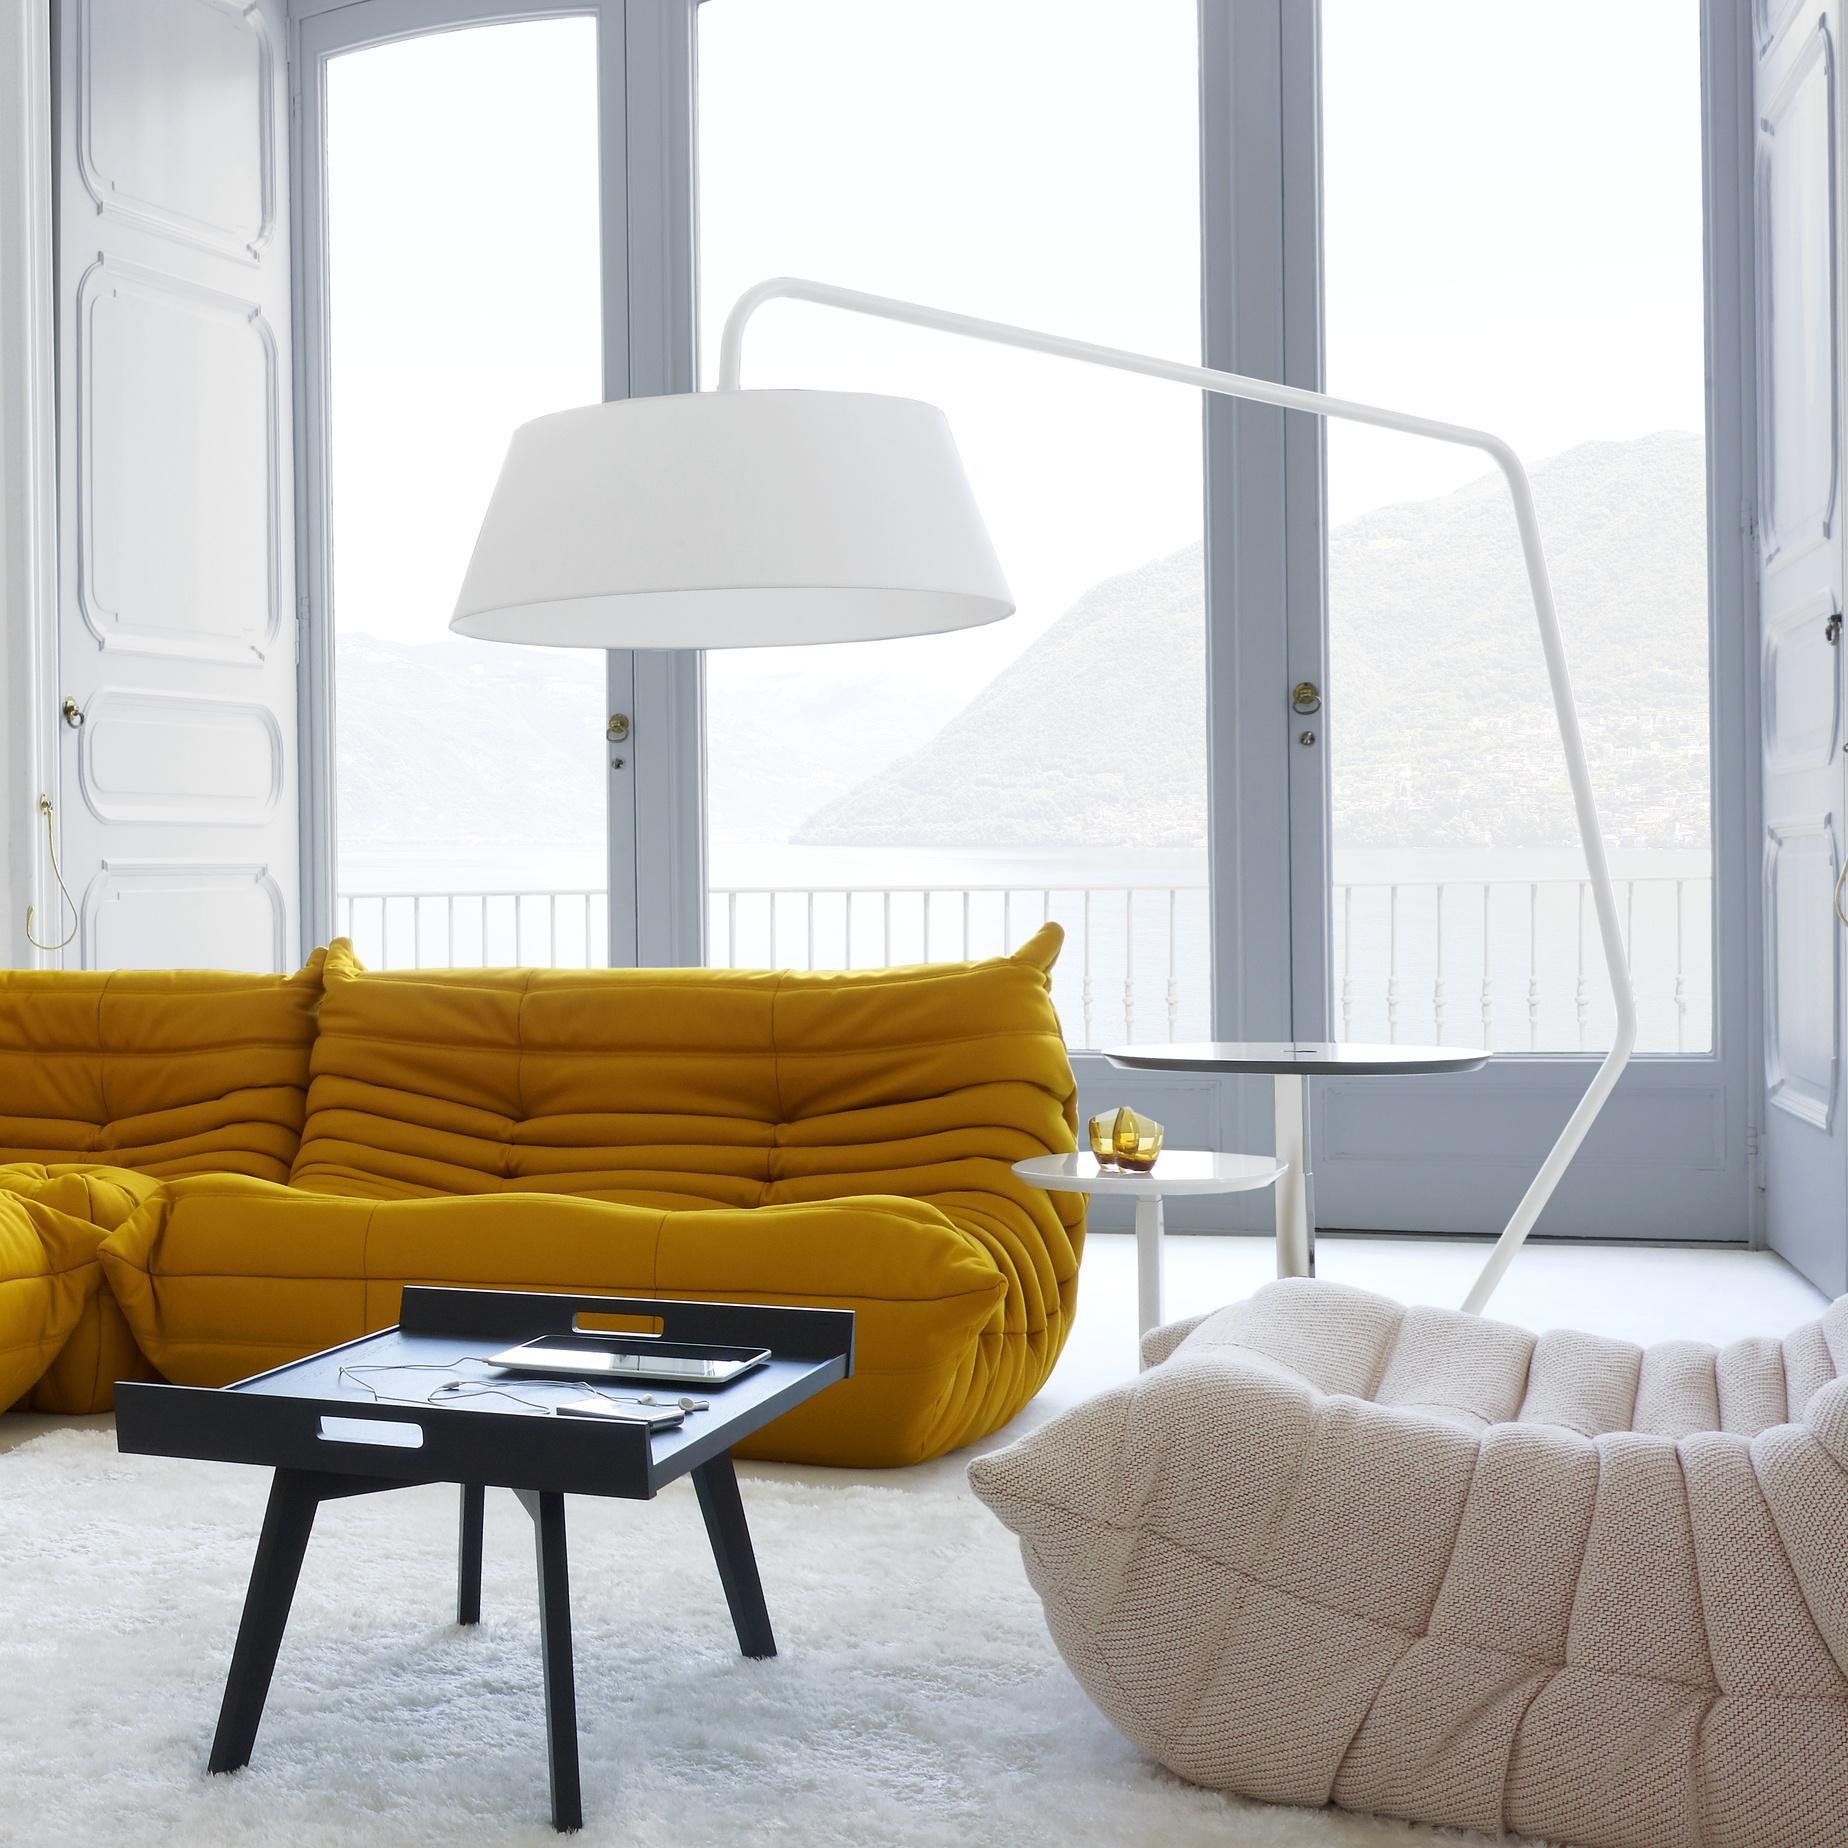 BUL Stehleuchte Wohnzimmer Lampe Cligne Roset